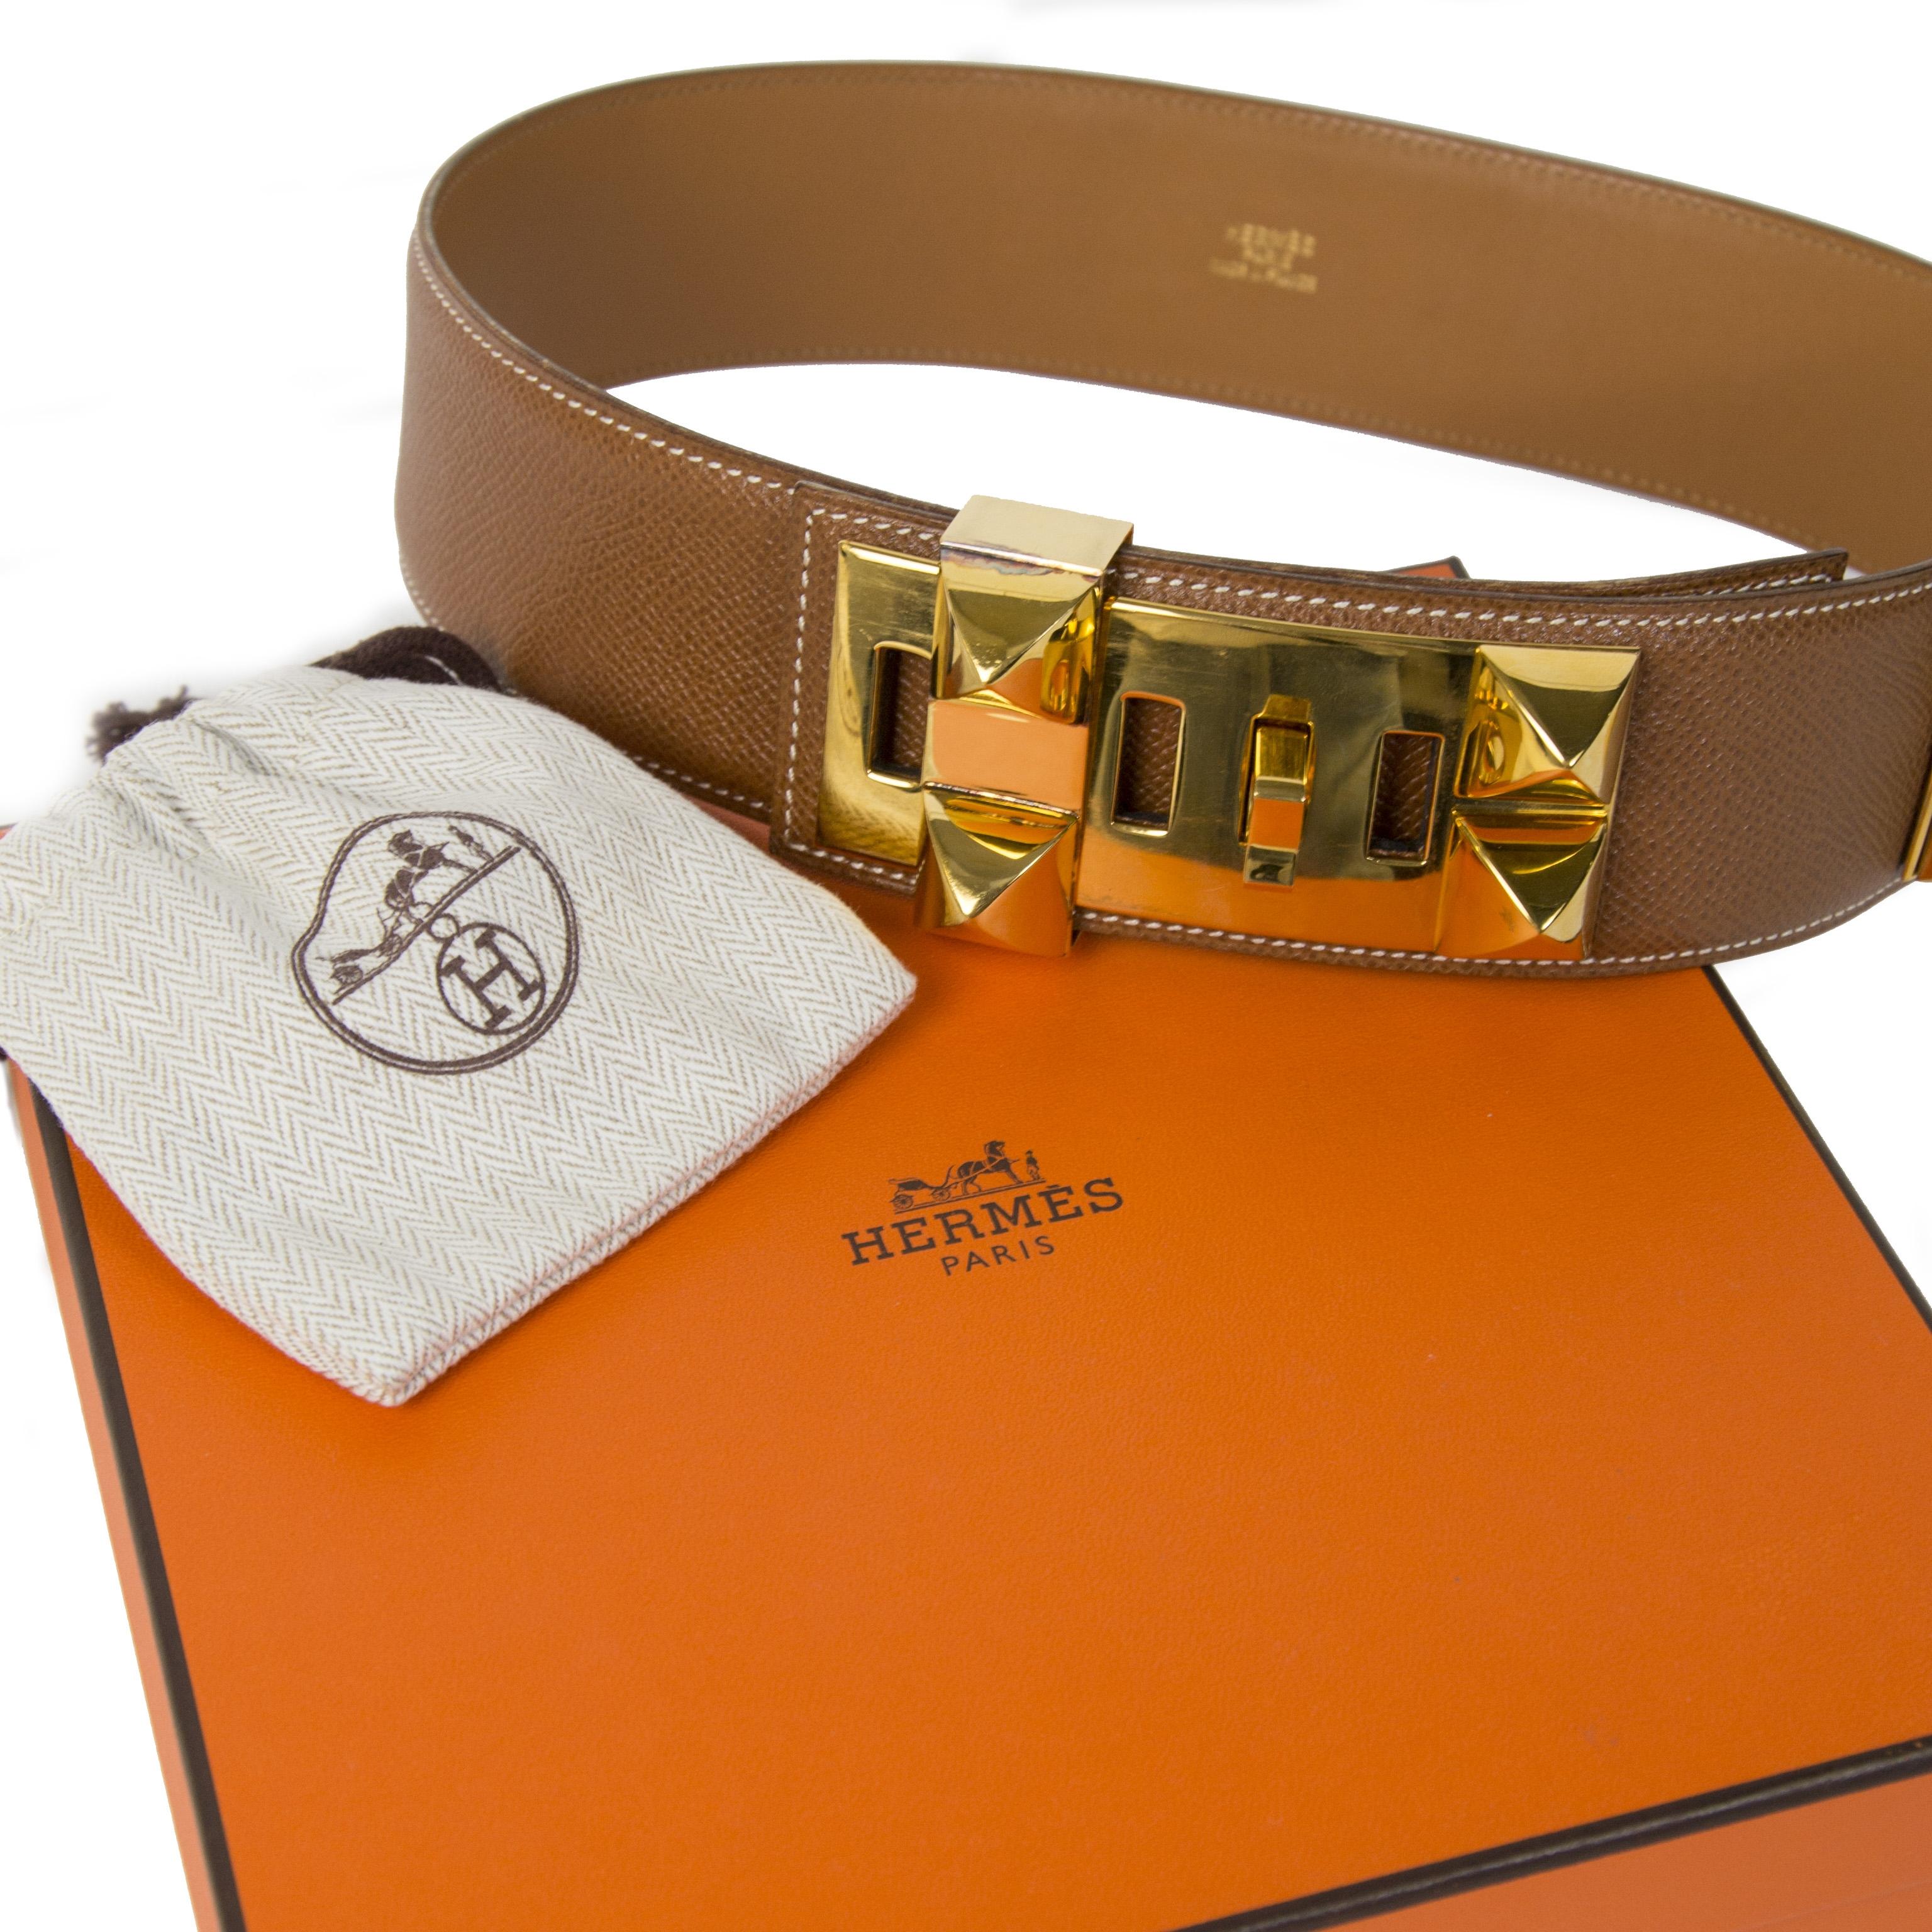 Hermès Cognac Gold Collier de Chien Belt kopen en verkopen aan de beste prijs bij Labellov tweedehands luxe in Antwerpen